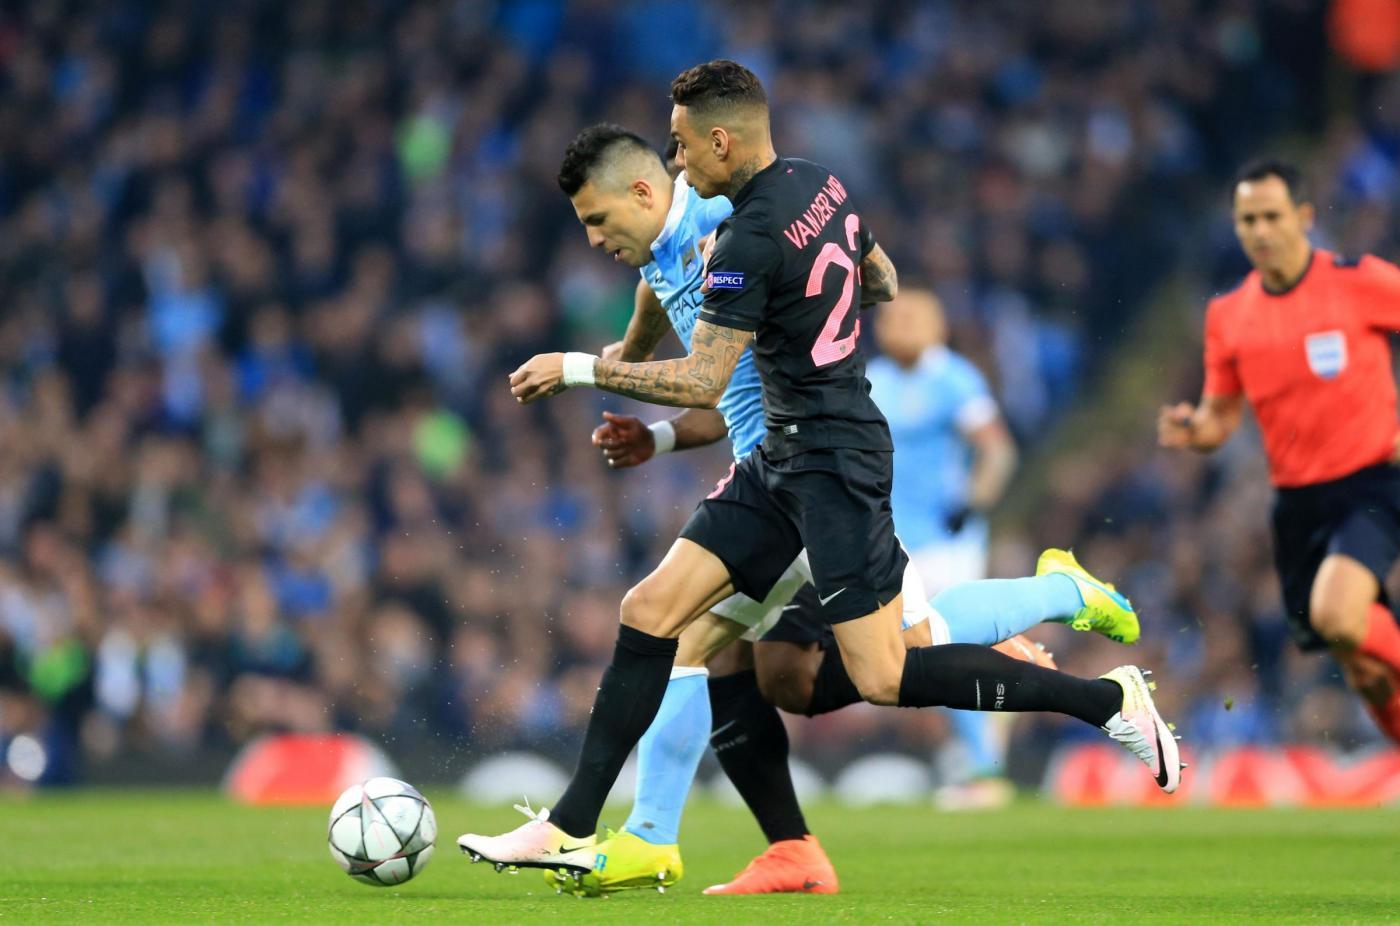 Calciomercato Inter, pazza idea Aguero: è l'obiettivo di Zhang per l'estate